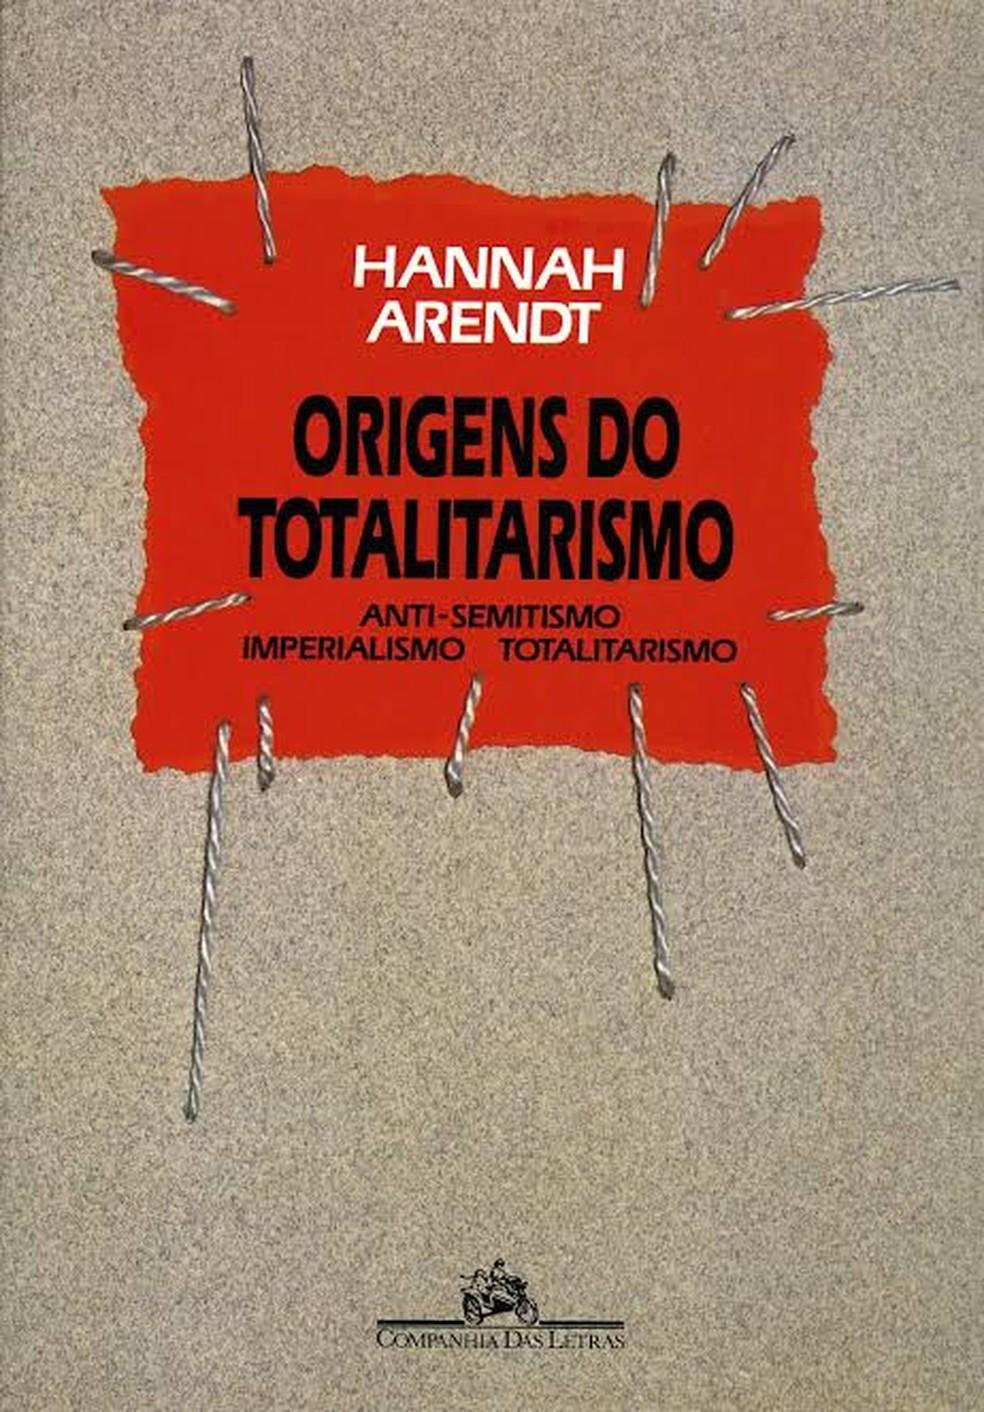 Trecho da obra 'Origens do totalitarismo', da pensadora alemã Hannah Arendt, apareceu em questão sobre o discurso de ódio nas redes sociais — Foto: Reprodução/Cia das Letras